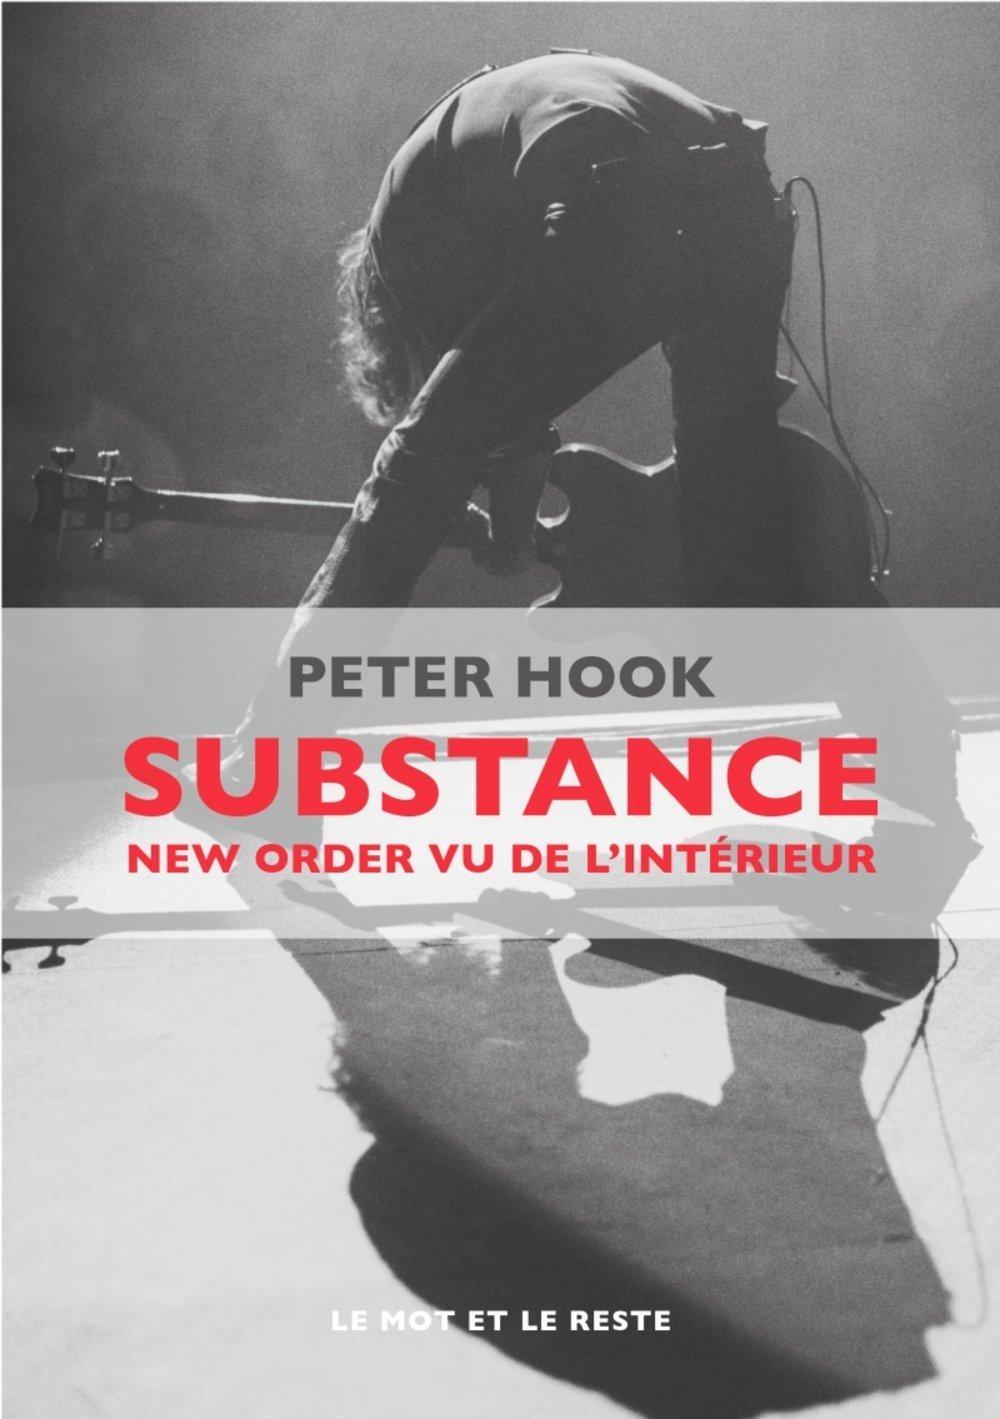 News Littéraires – Peter Hook – Substance, New Order vu de l'intérieur.